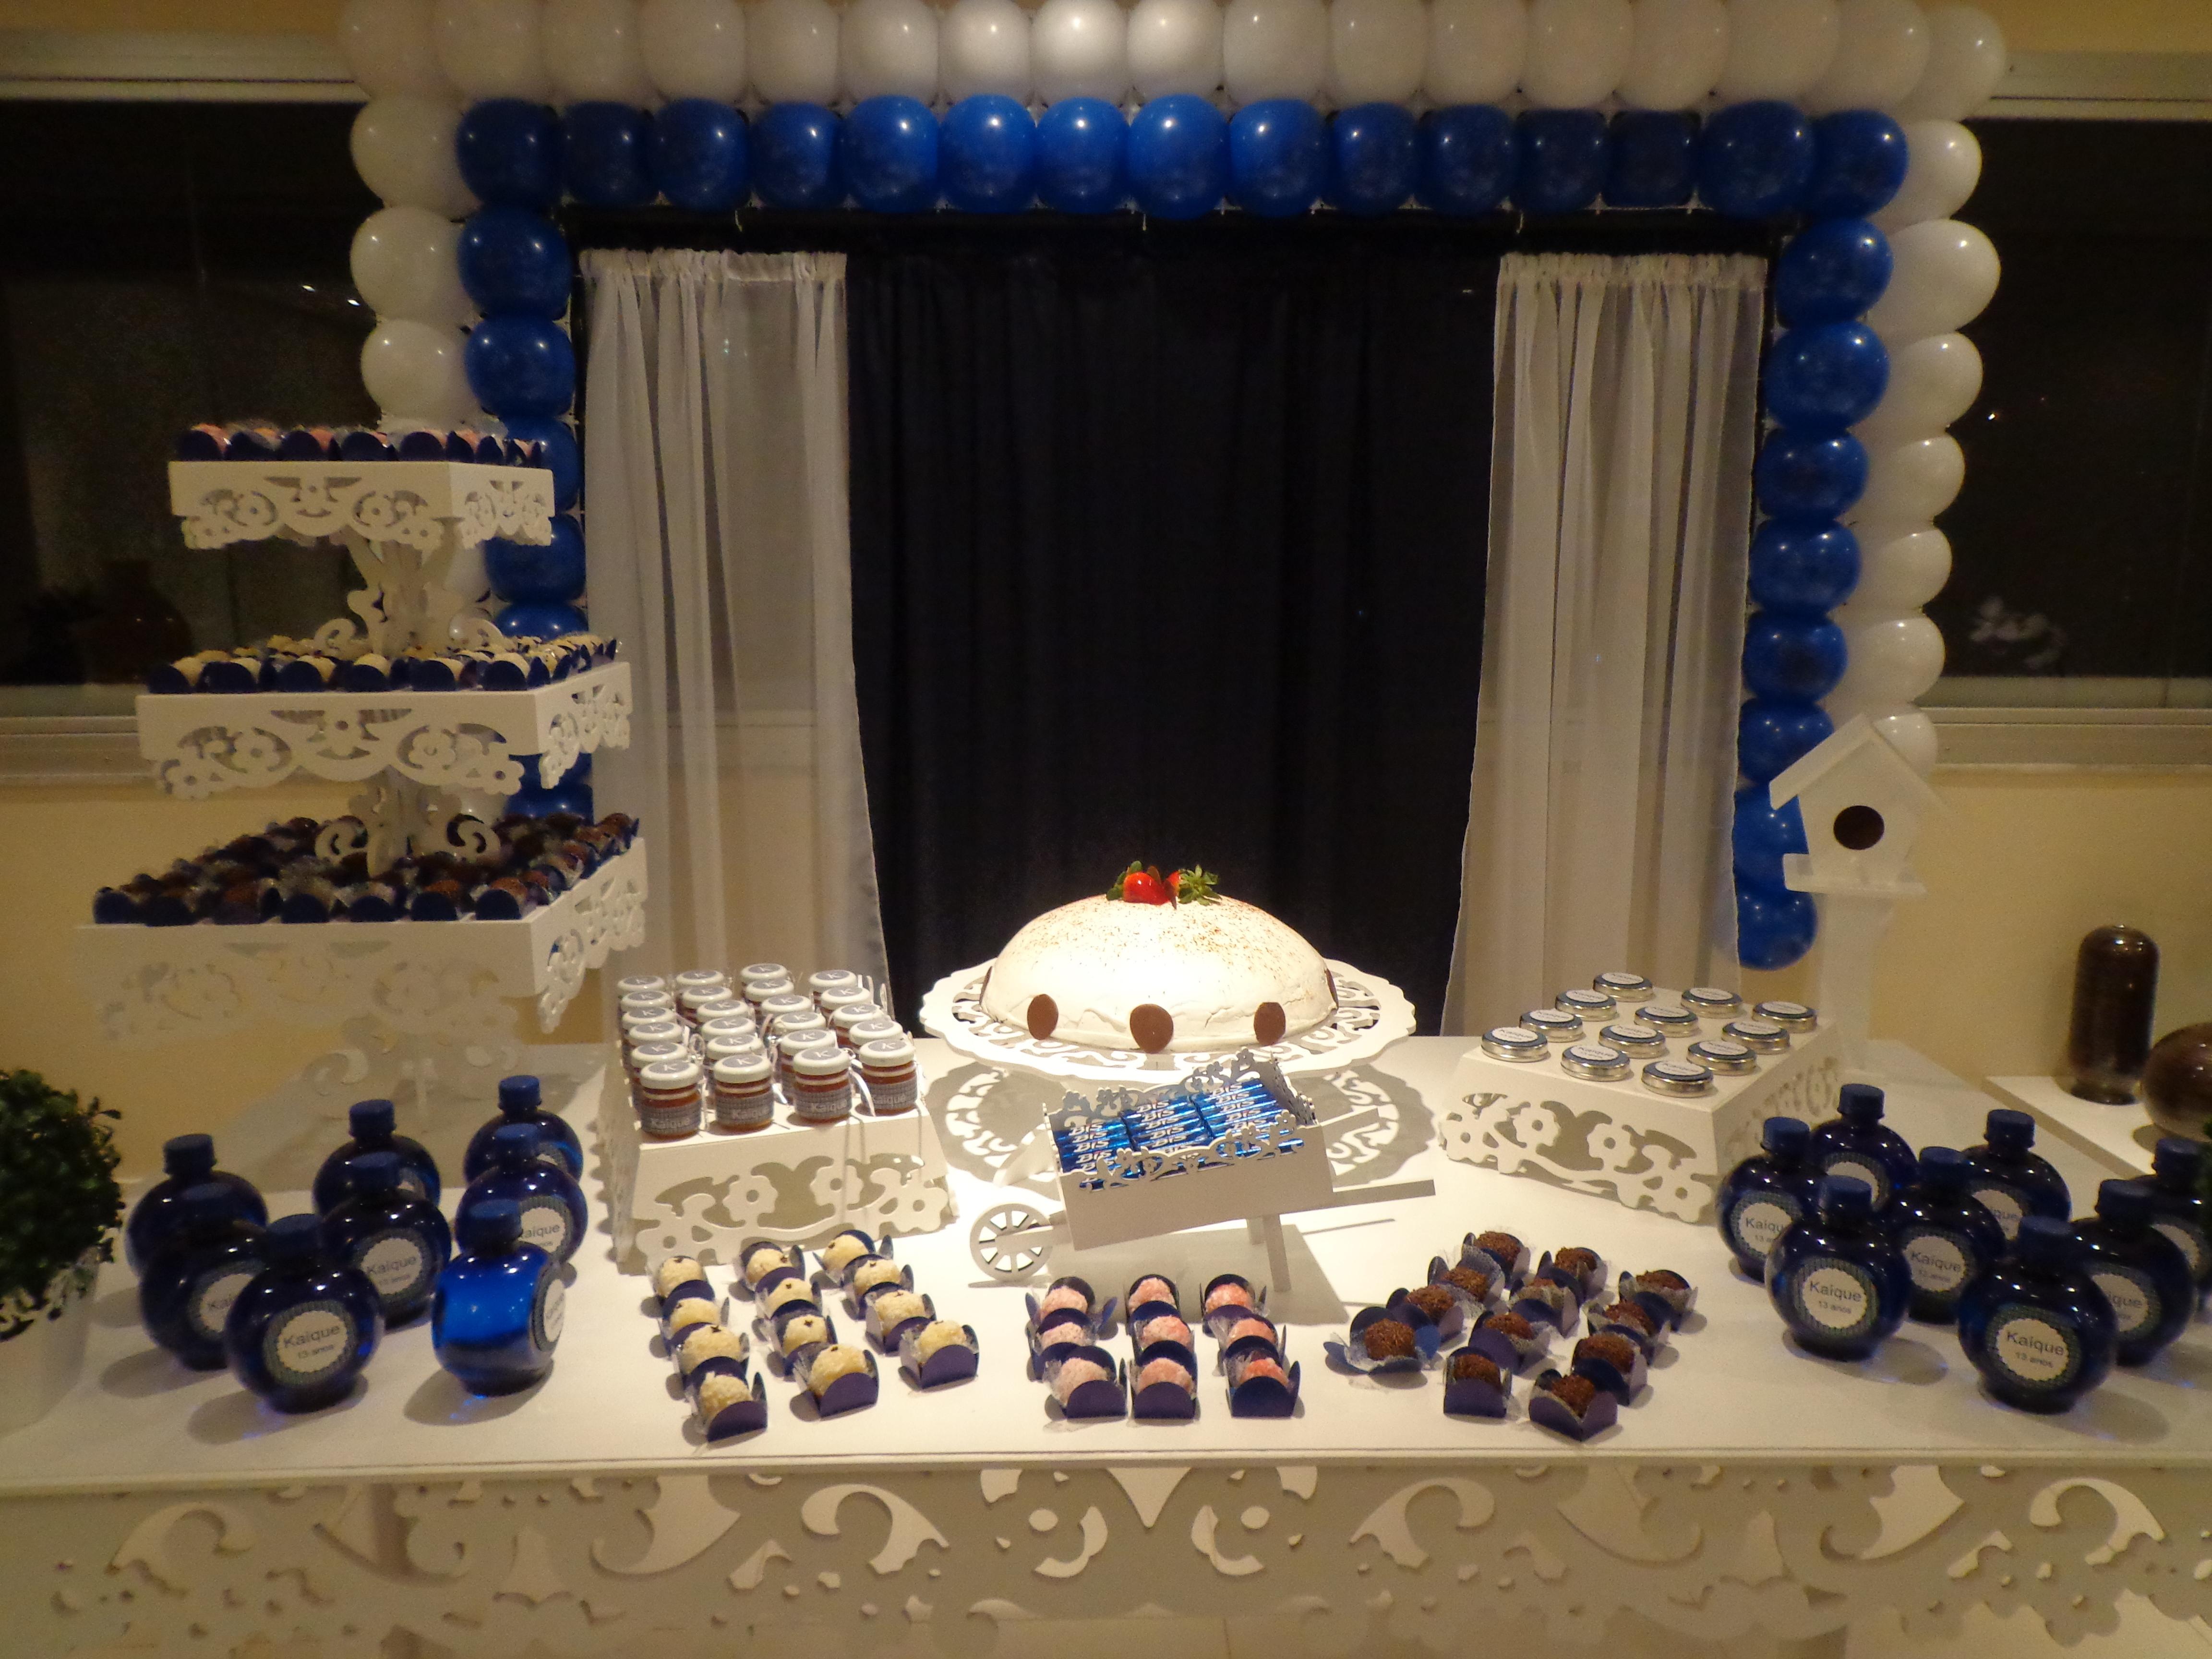 decoracao festa xadrez:Decoração Xadrez Azul Decoração Xadrez Azul Decoração Xadrez